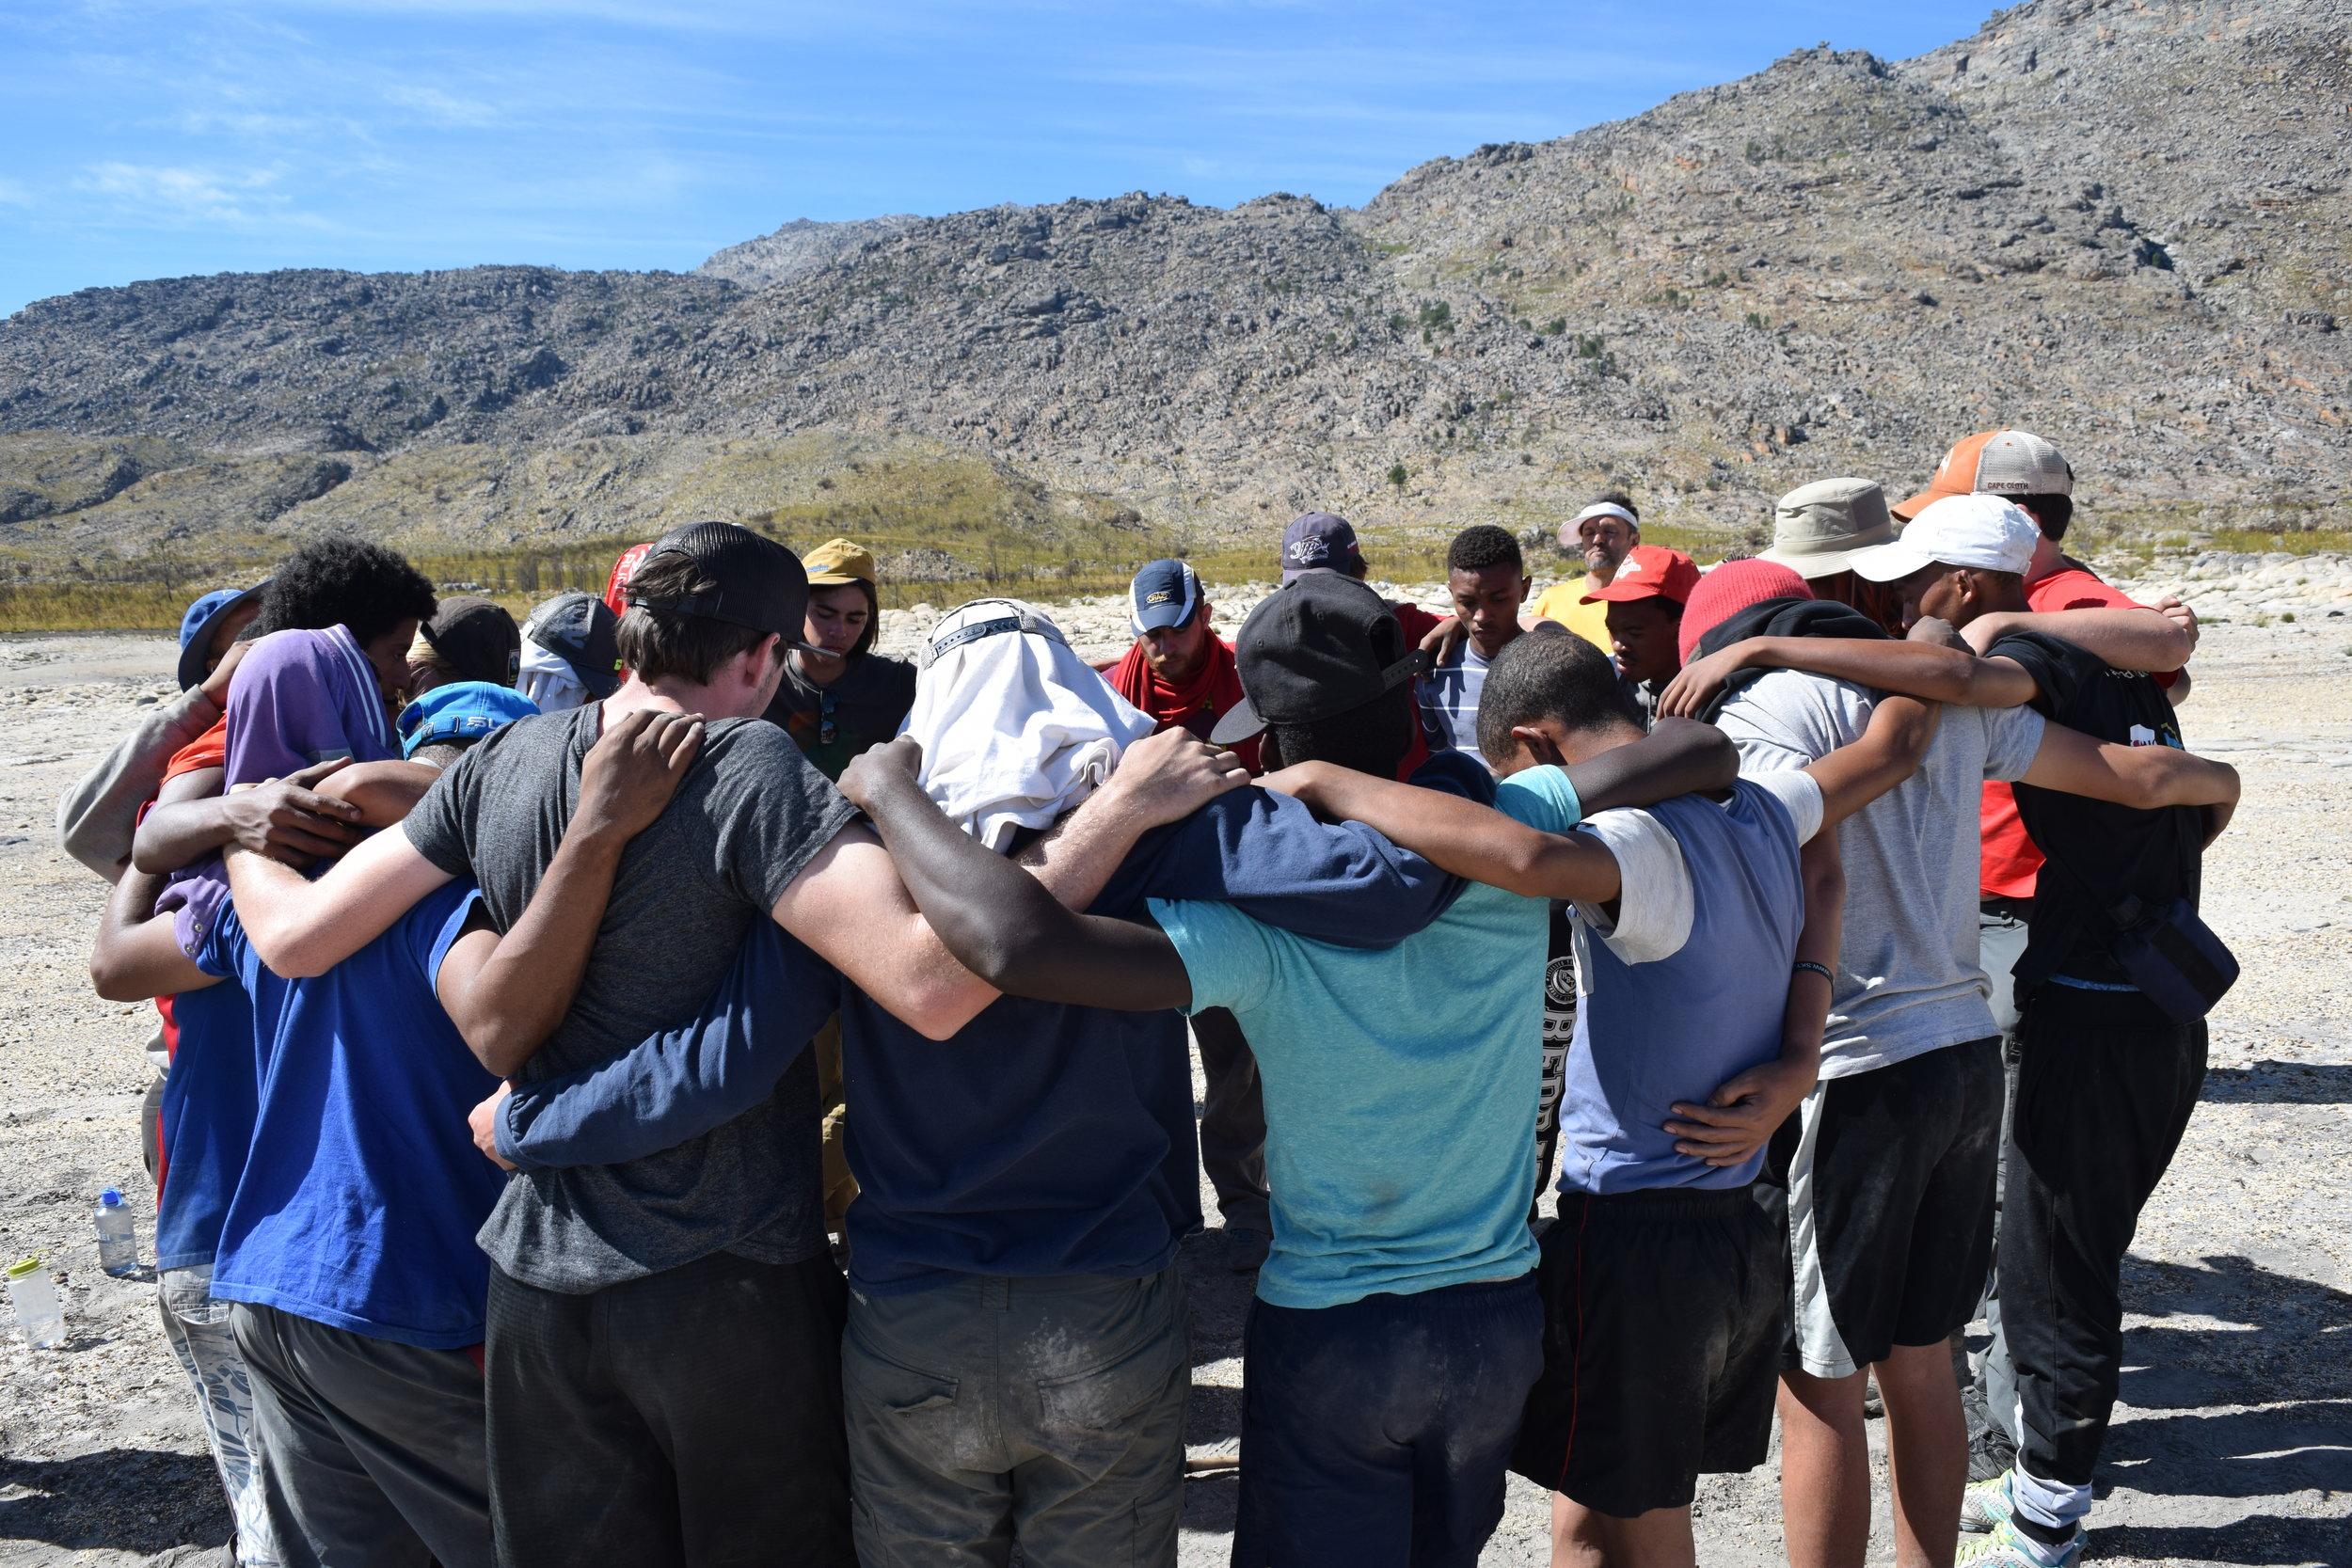 group hug high quality.JPG